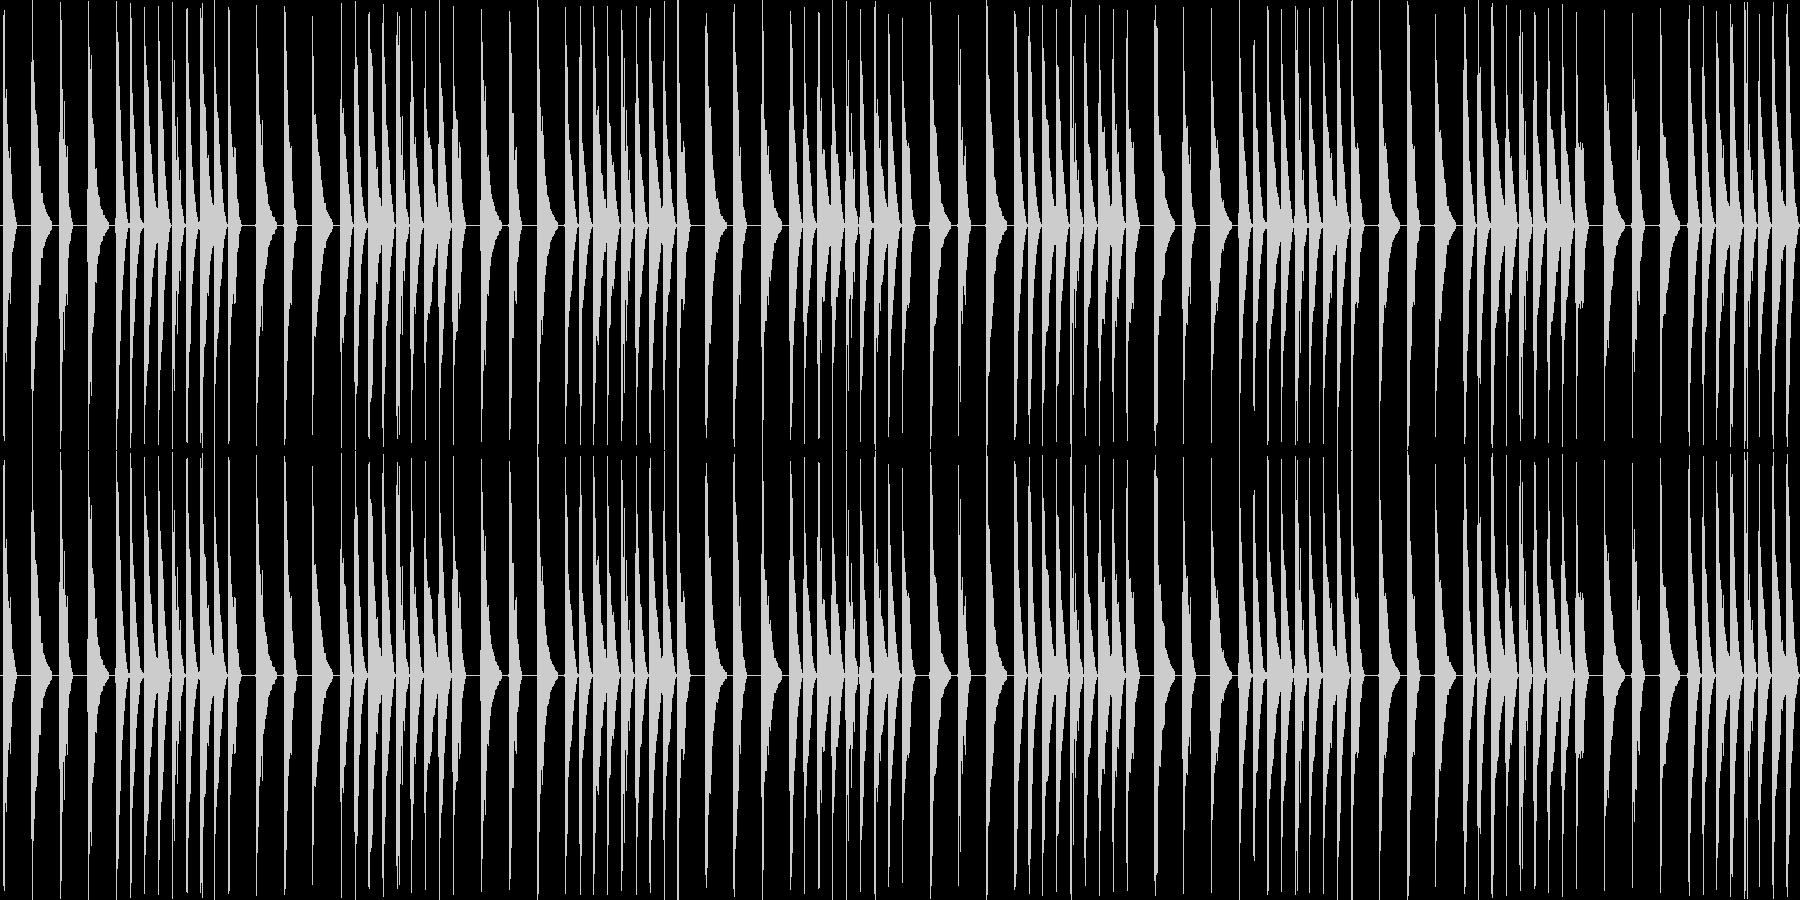 8bitのレトロでスリリングなBGMの未再生の波形